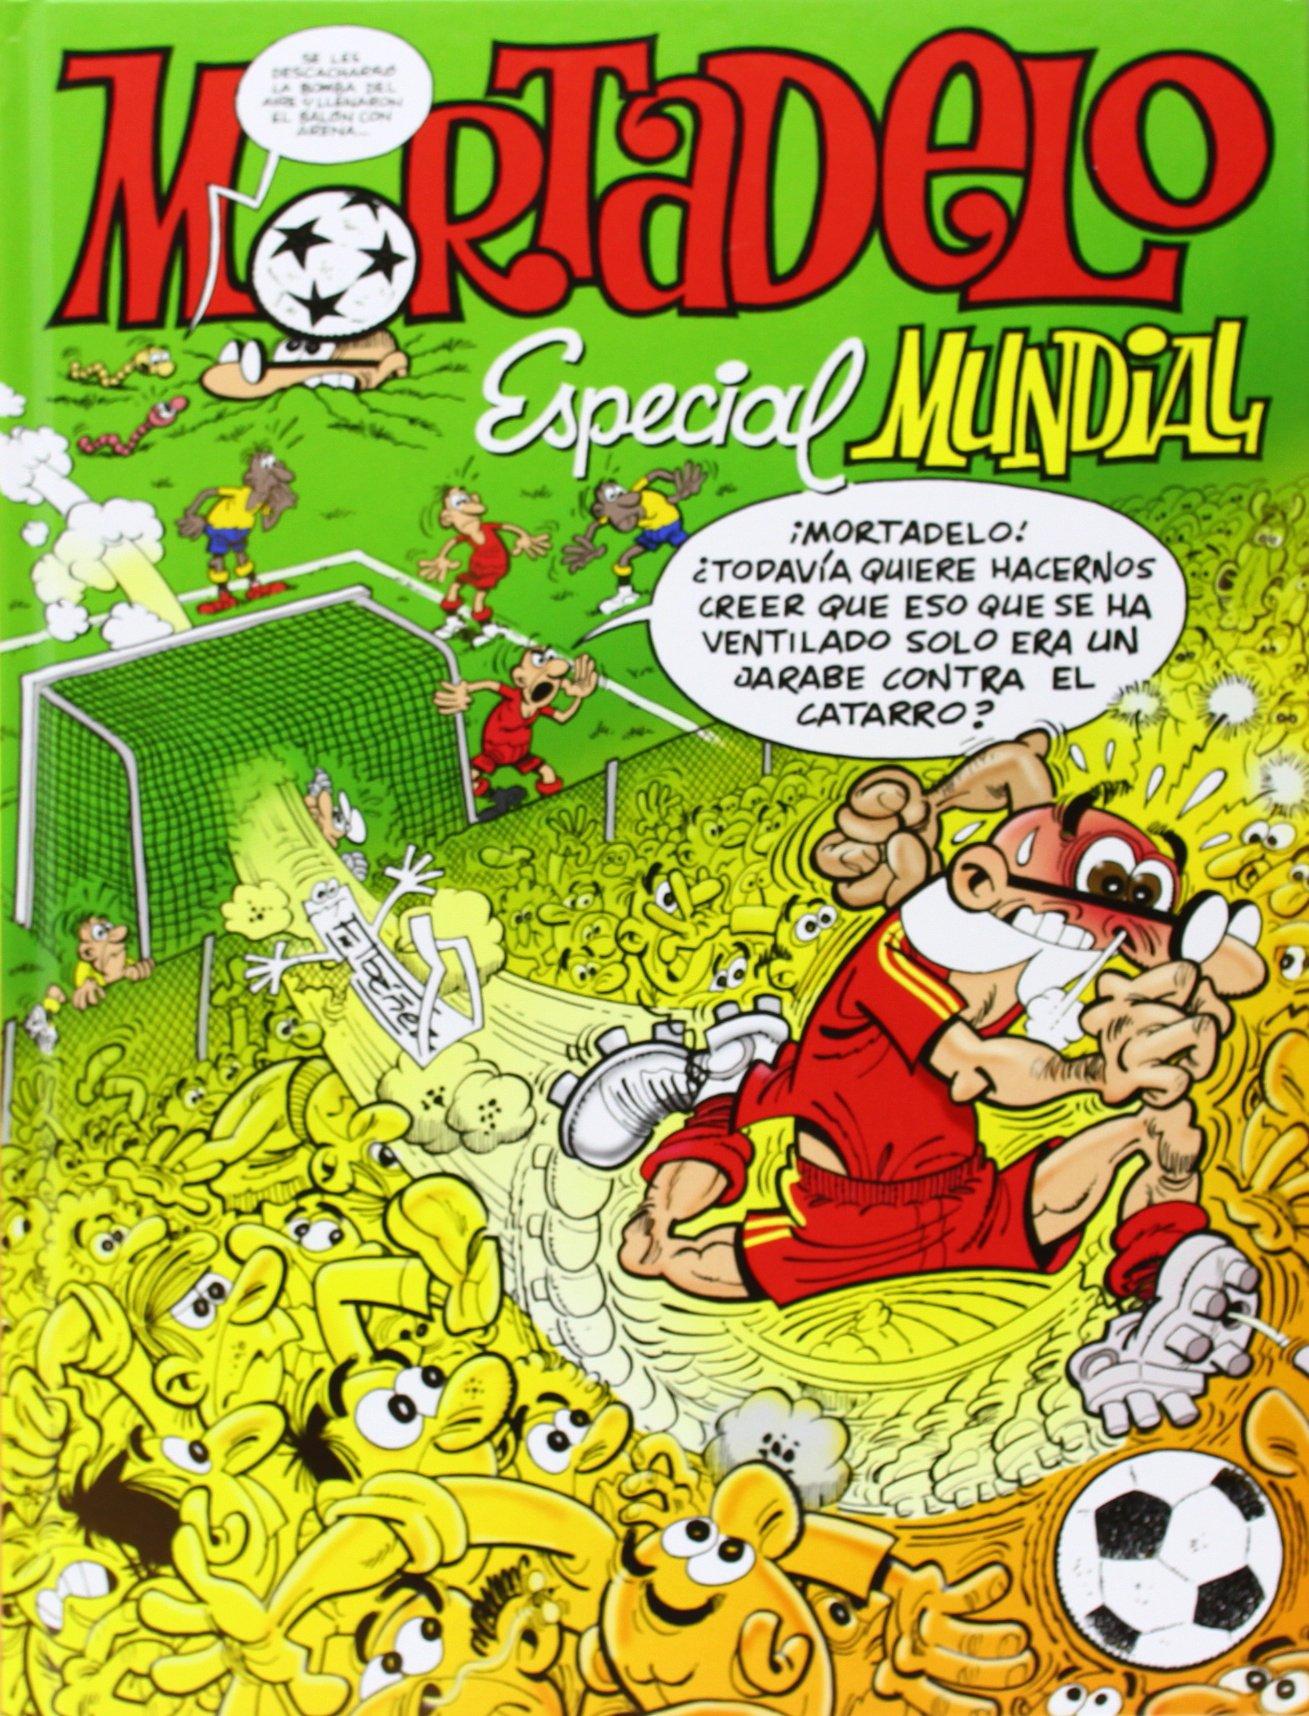 Especial Mundial 2014 Números especiales Mortadelo y Filemón: Amazon.es: Ibáñez, Francisco: Libros